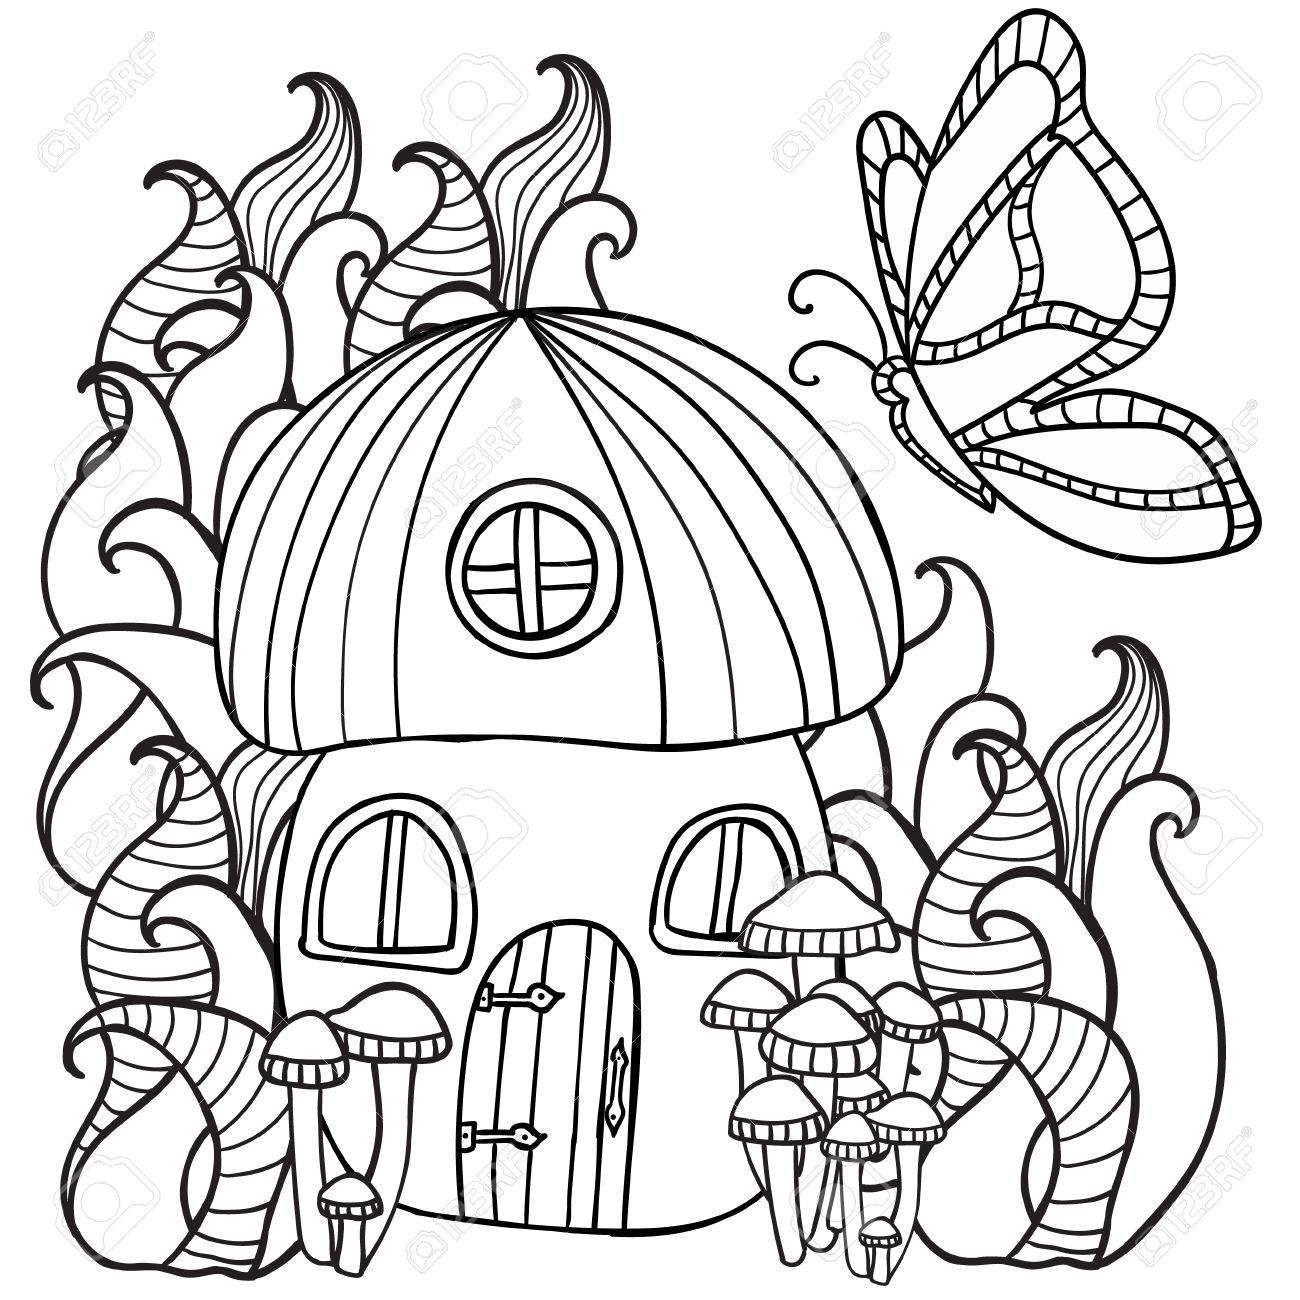 Dibujos Para Colorear Seta De La Casa Con Una Mariposa En El Bosque